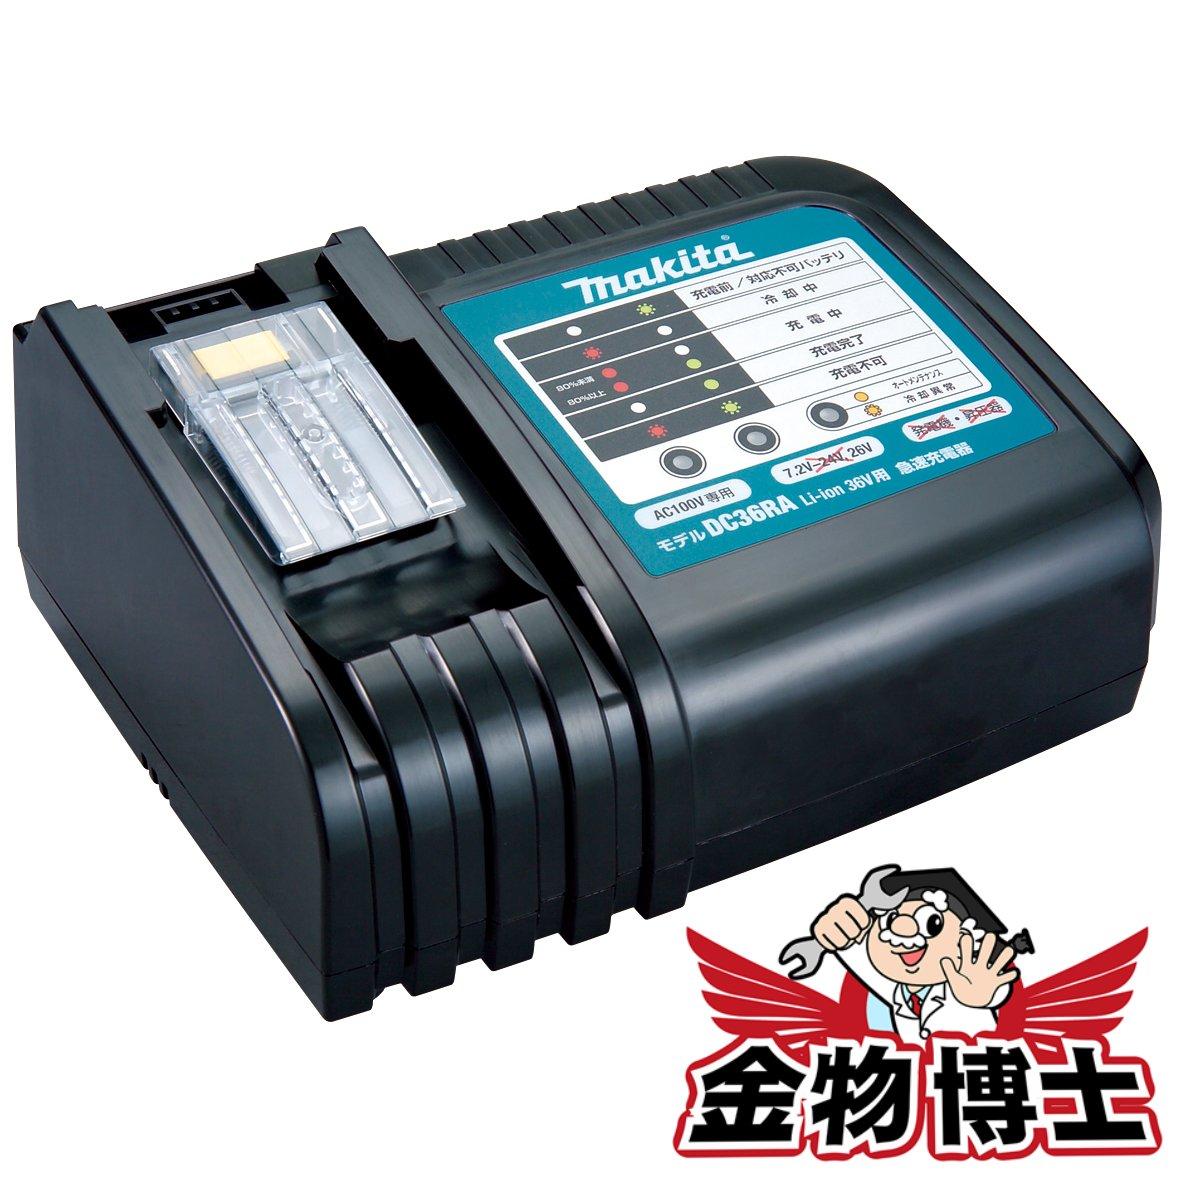 充電器 【マキタ DC36RA (JPADC36RA)】BL3626リチウムイオンバッテリ専用